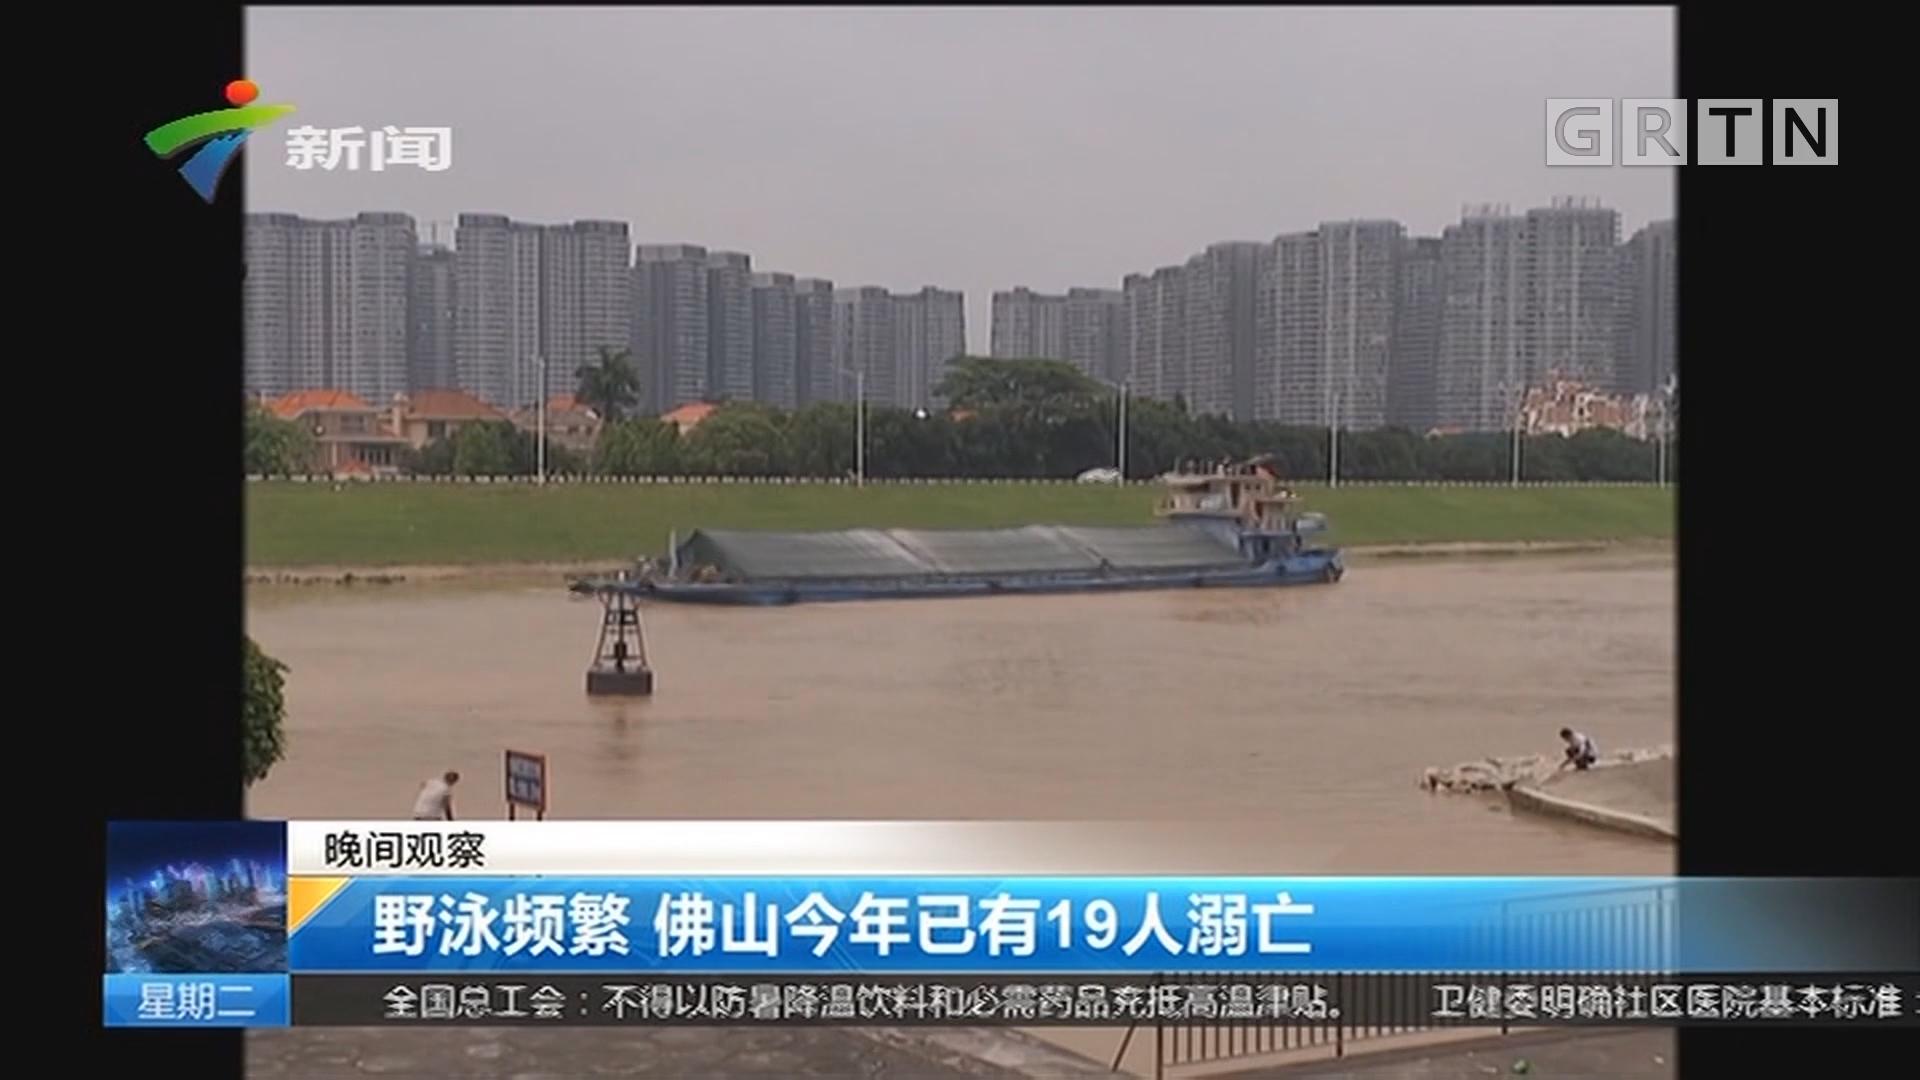 野泳频繁 佛山今年已有19人溺亡